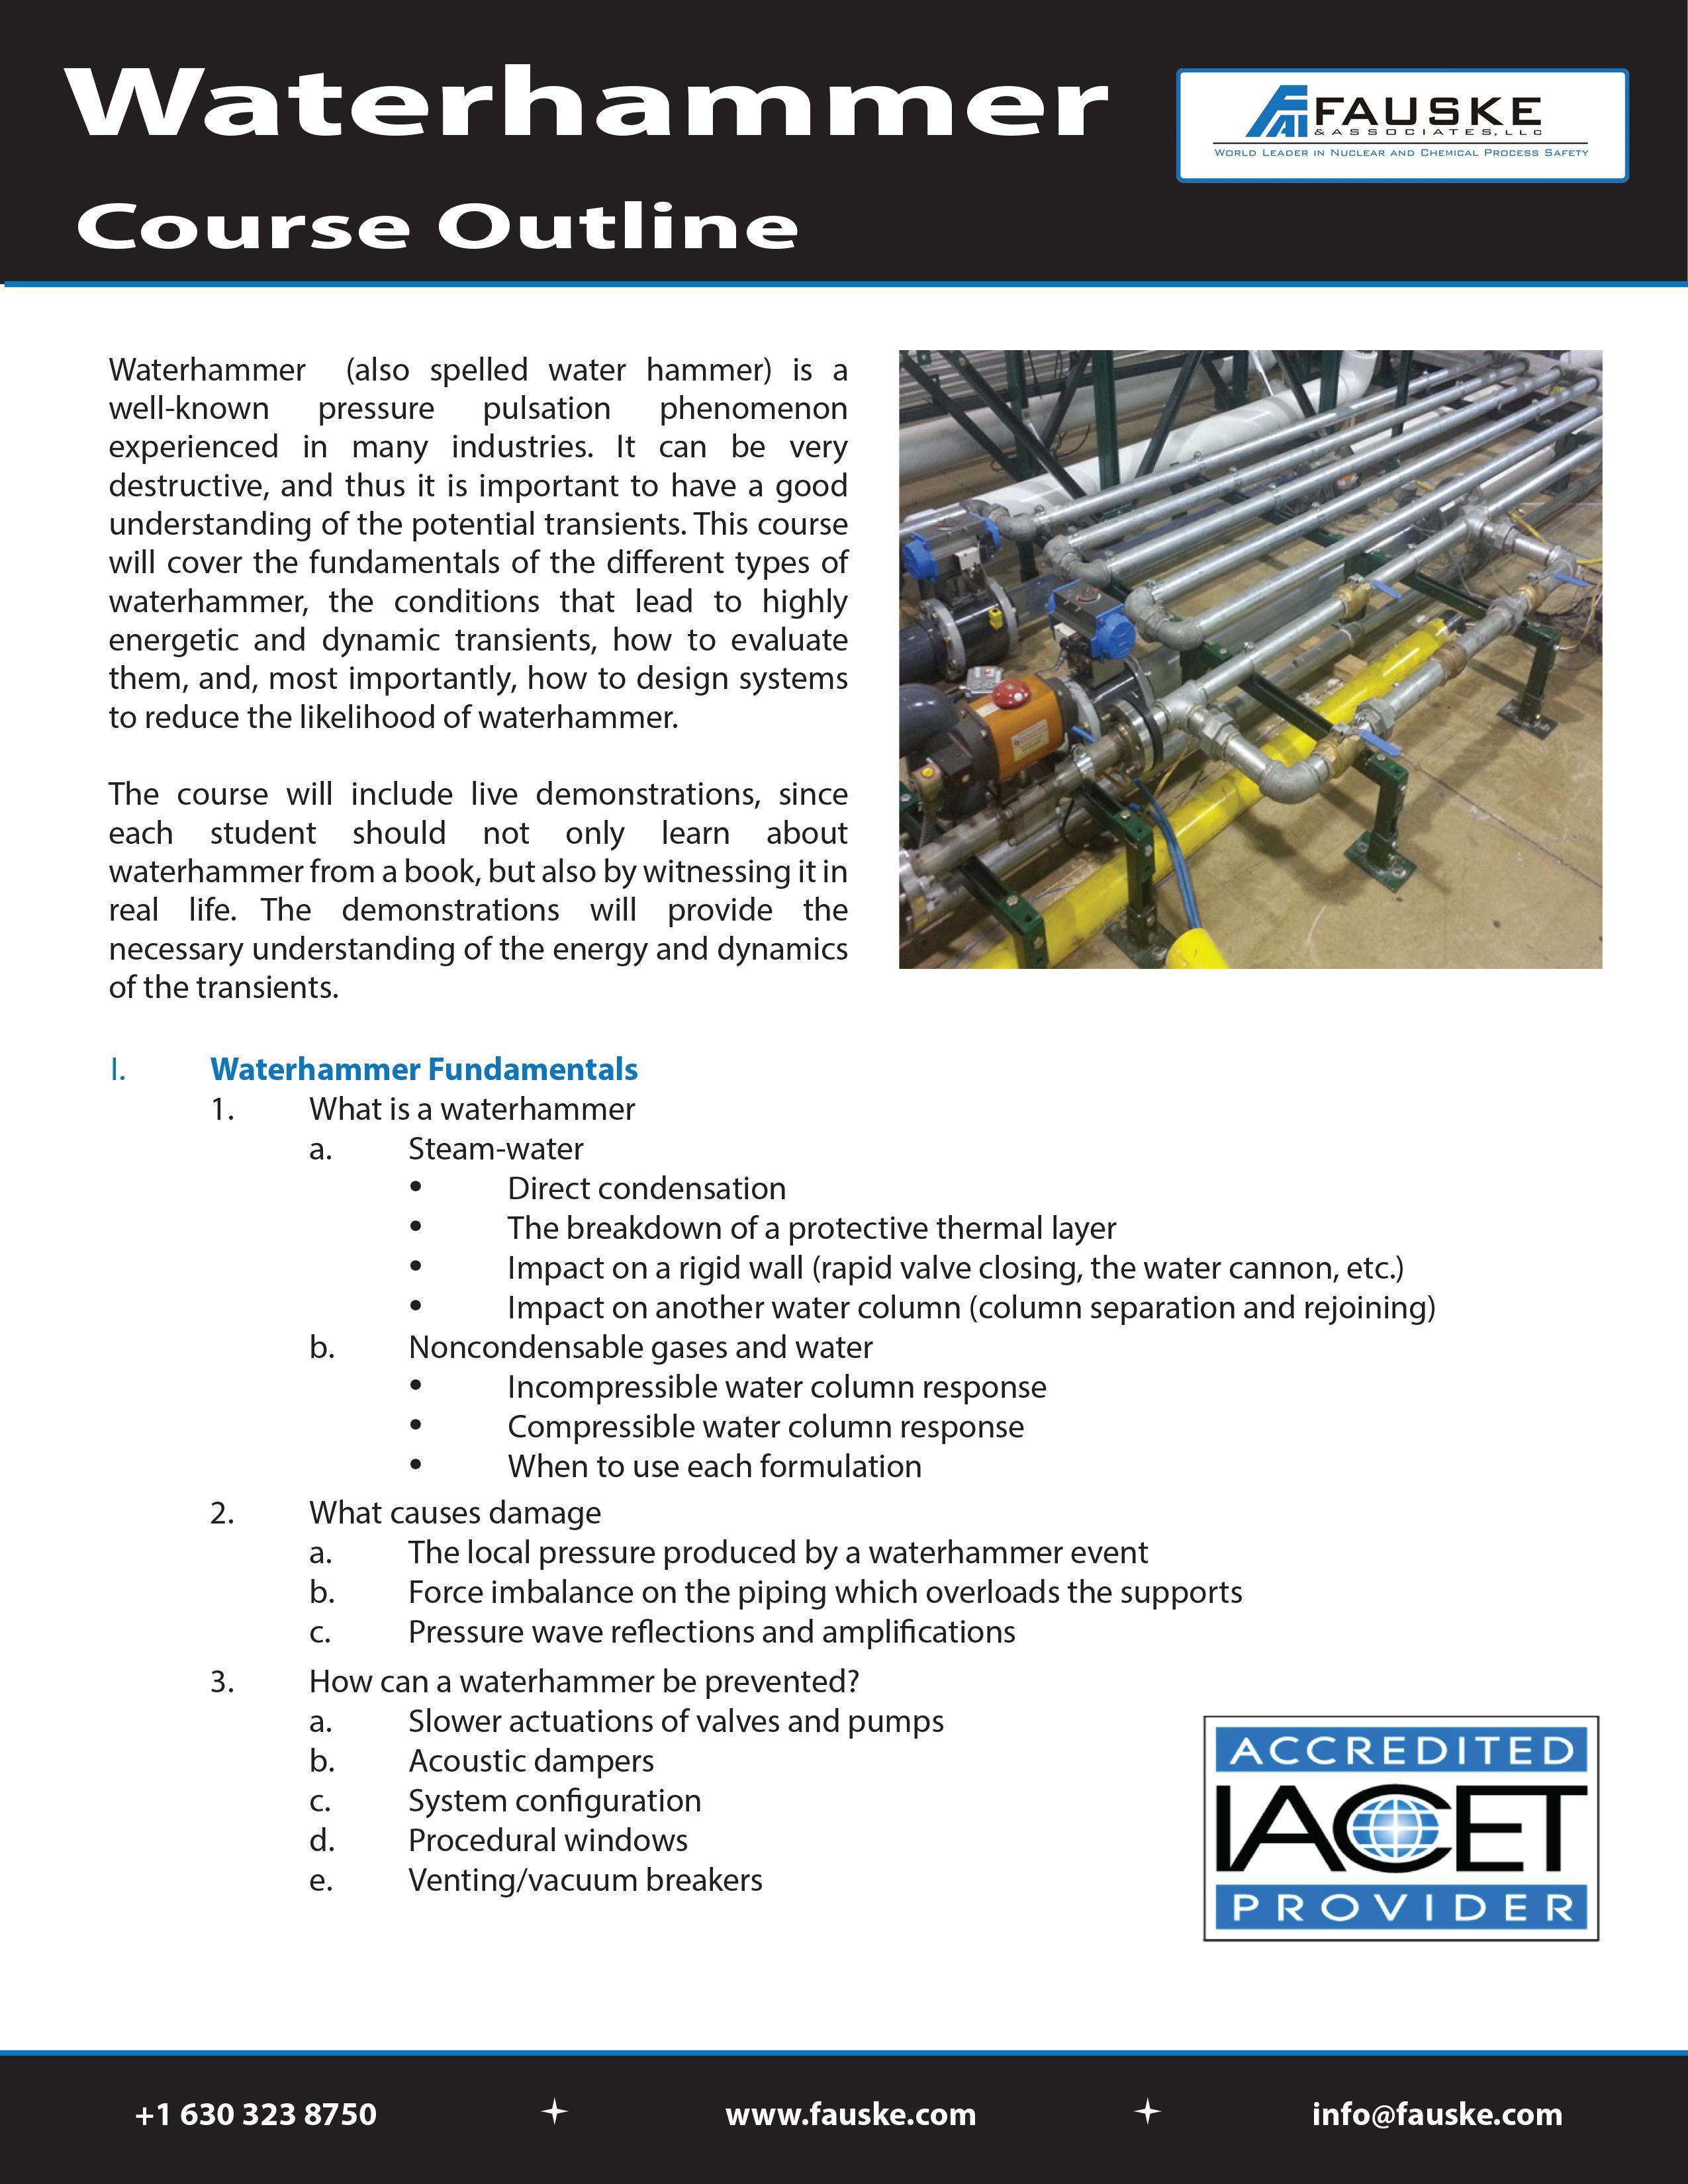 FAI Waterhammer Course Description